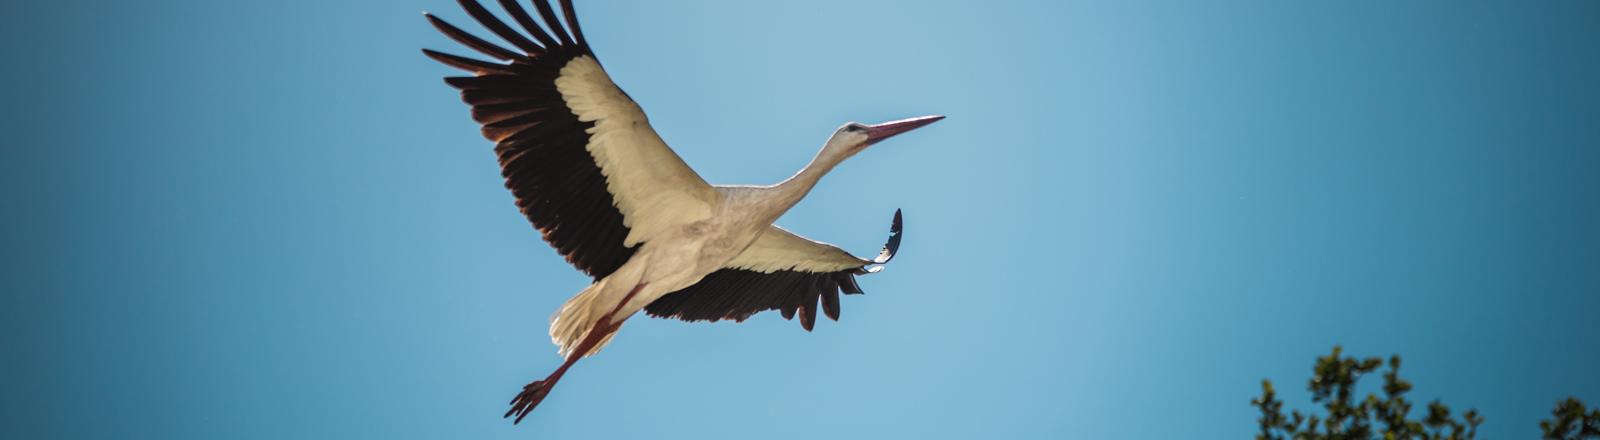 Ein Storch fliegt.